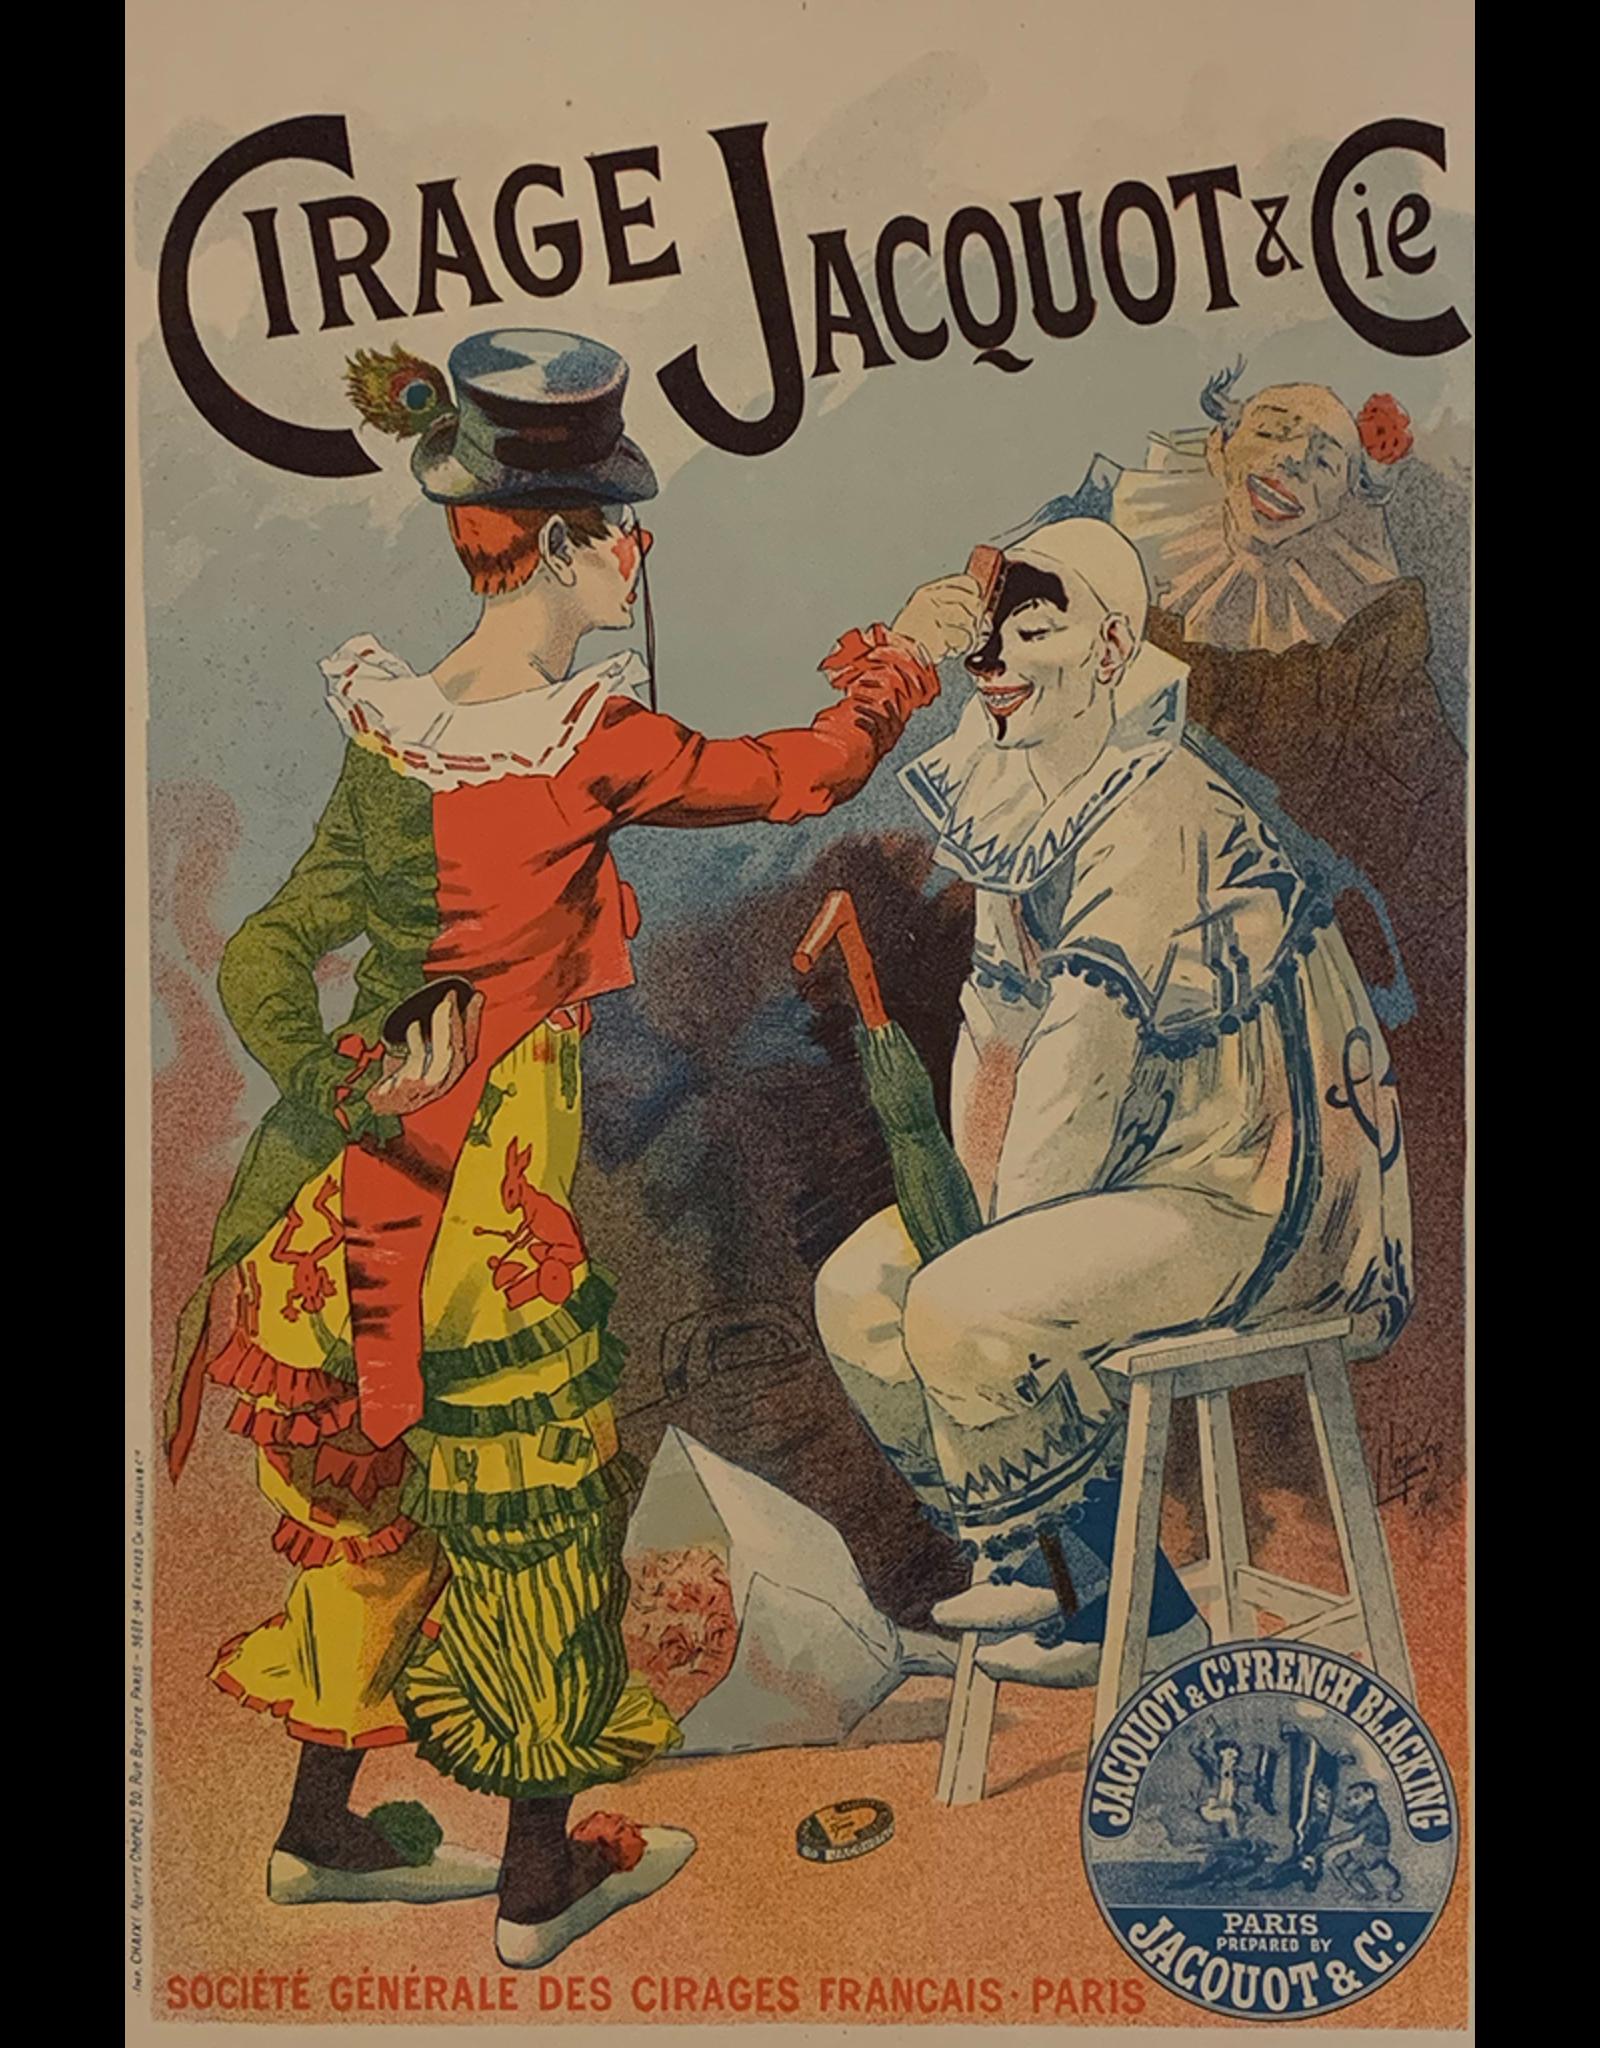 SPV Maitre de L'Affiche plate 90, Cirage Jacquot